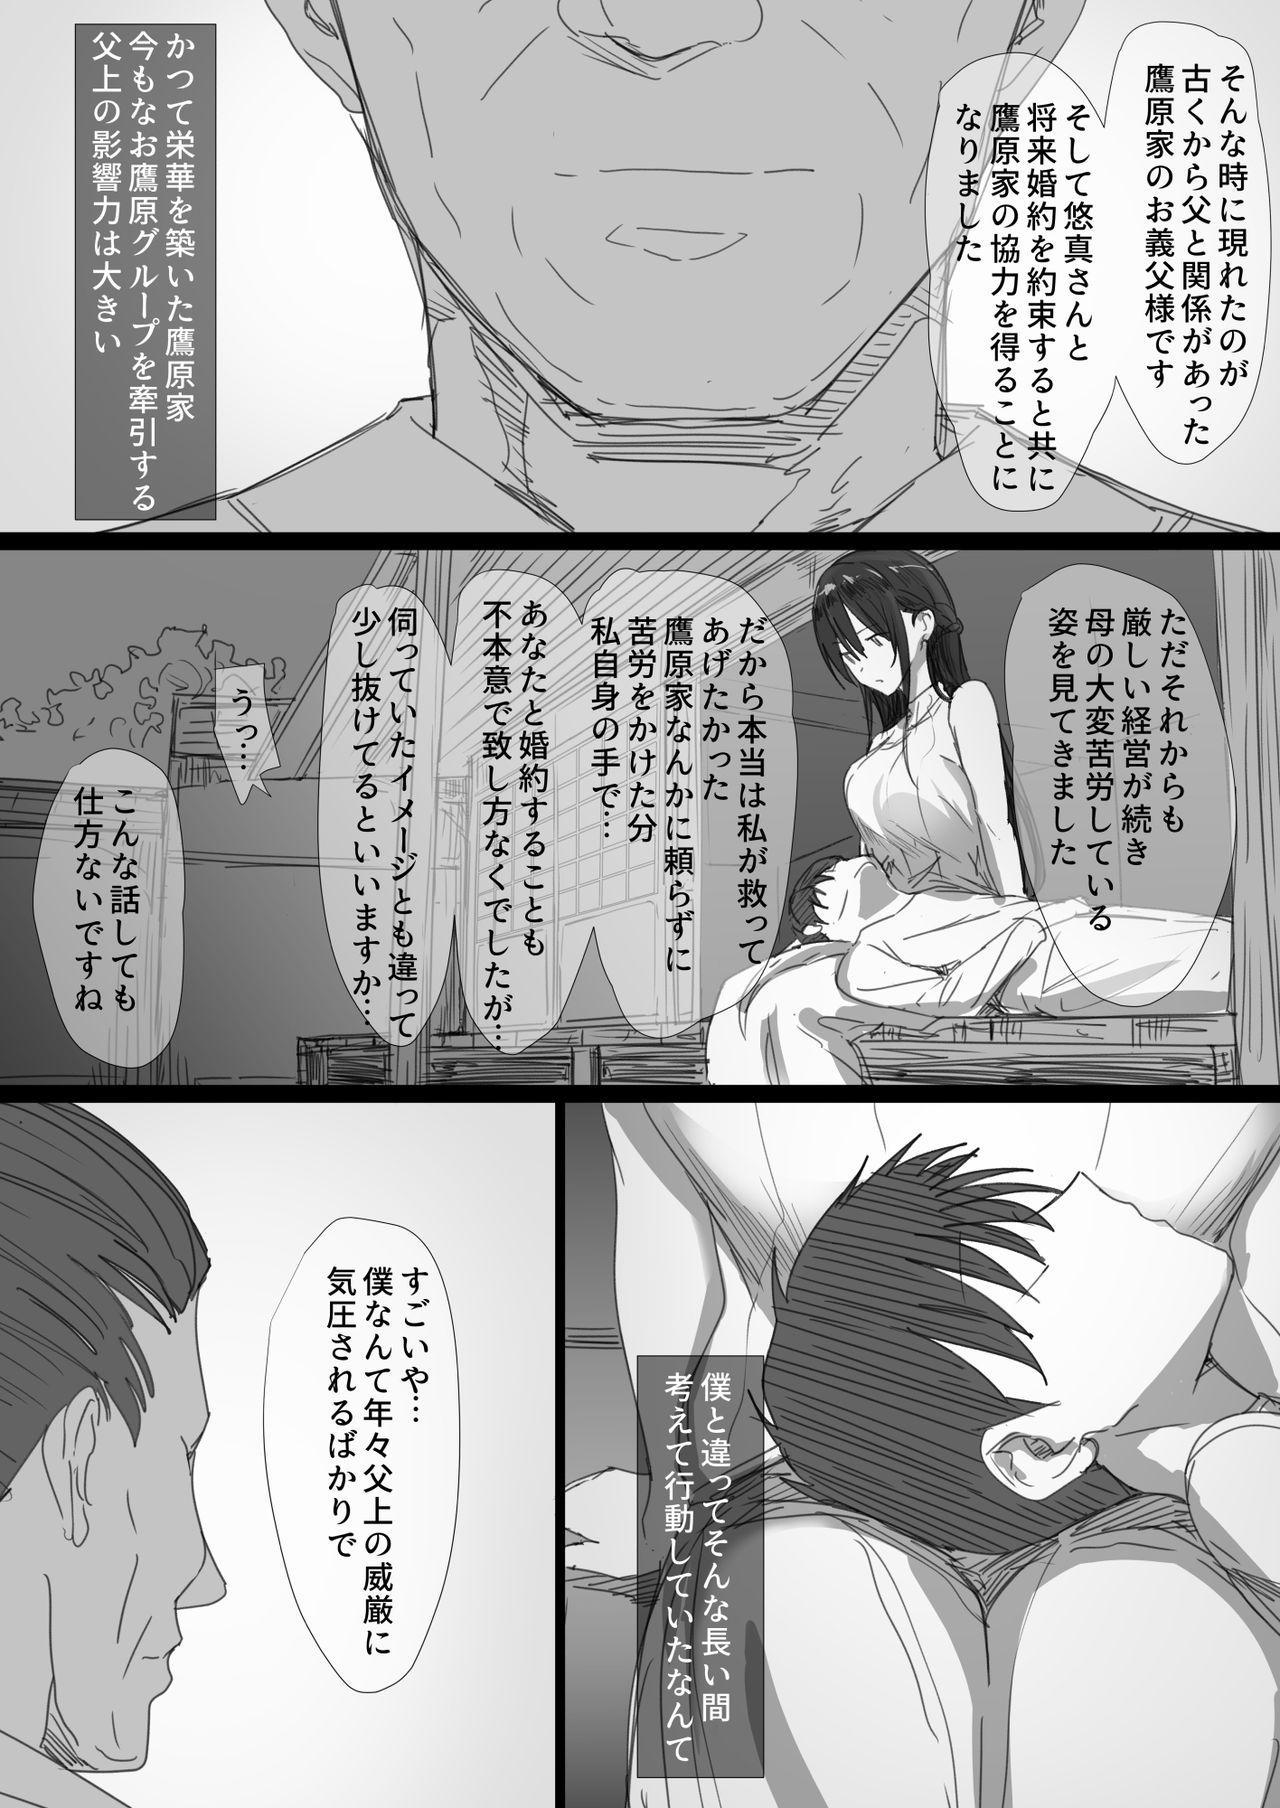 Ki ga Tsuyoi Seiso na Hitozuma Reijou ga Netorareru made no Ichibu Shijuu 7